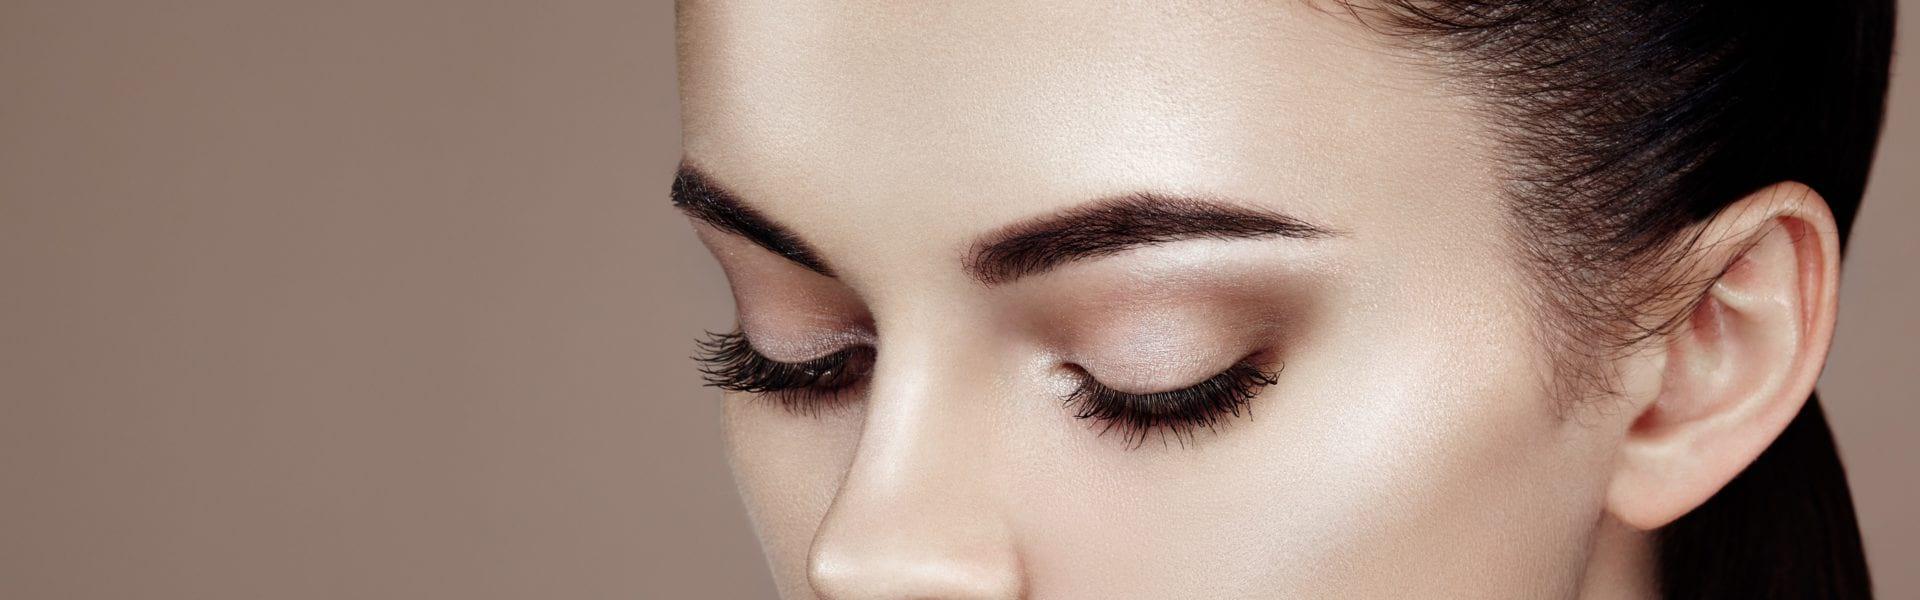 Μαύροι κύκλοι στα μάτια - Αίτια & θεραπεία